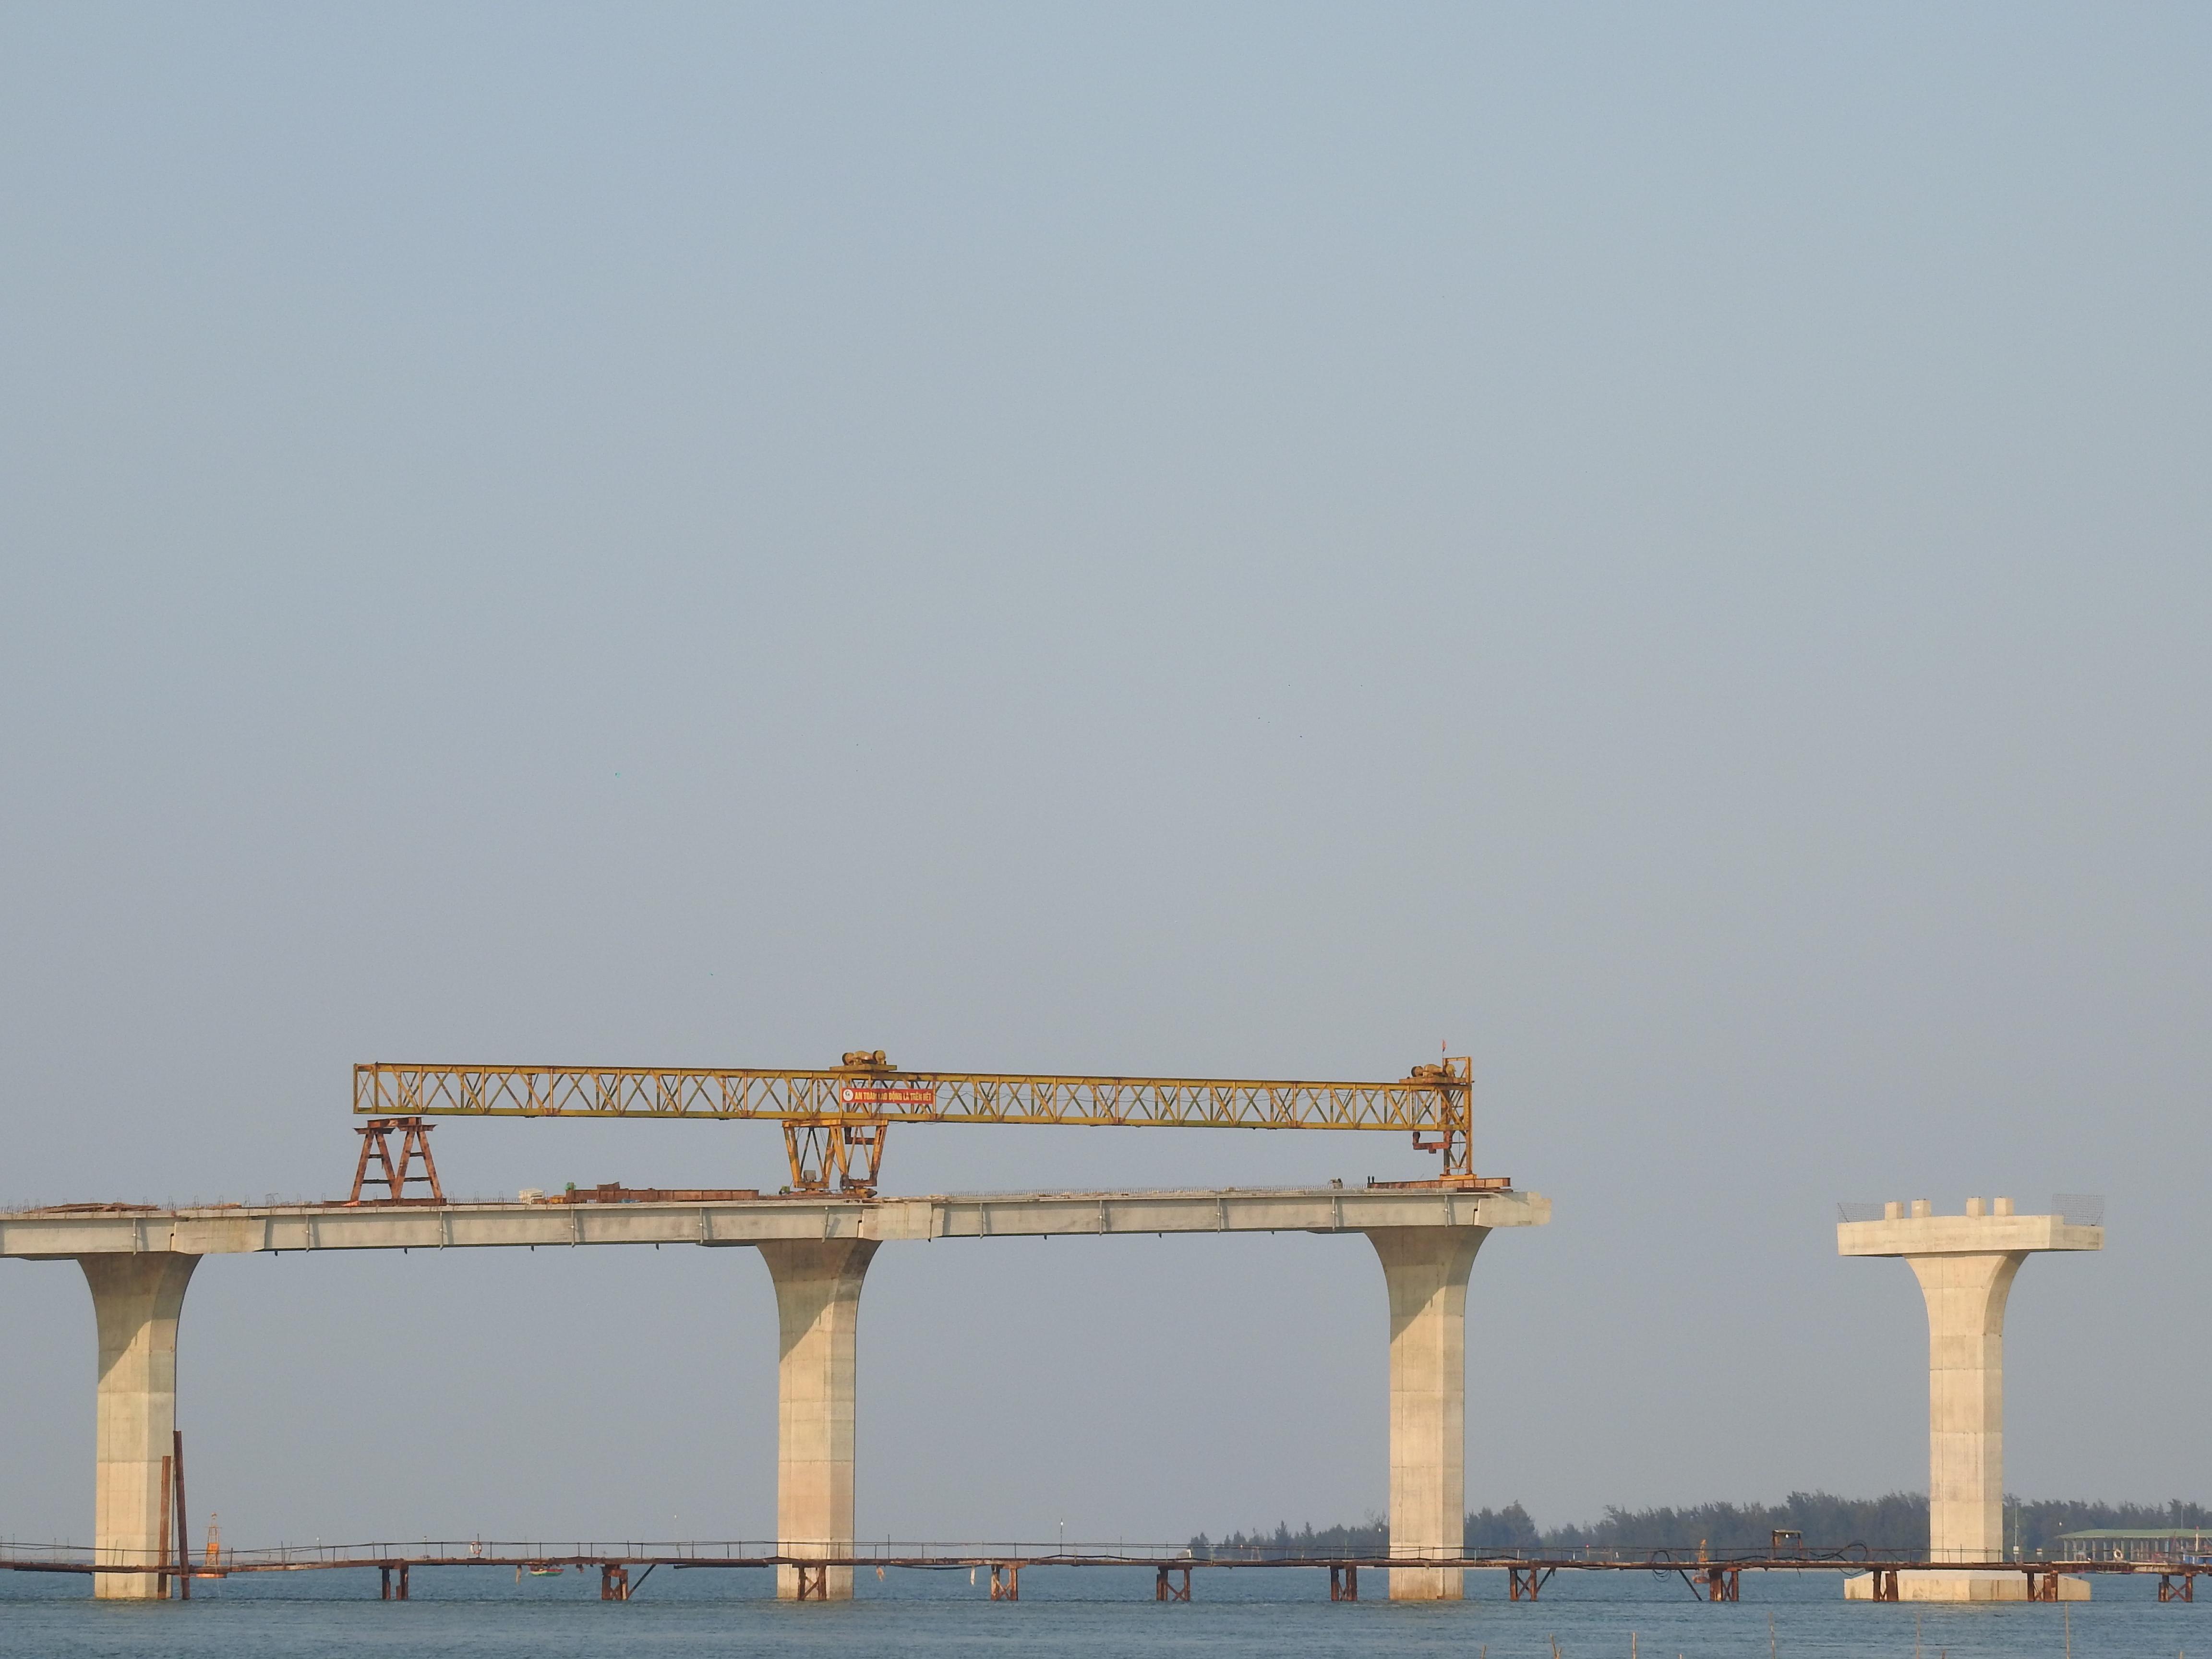 Toàn cảnh cầu Cửa Hội nối hai tỉnh Nghệ An - Hà Tĩnh, xung quanh có nhiều dự án lớn - Ảnh 9.